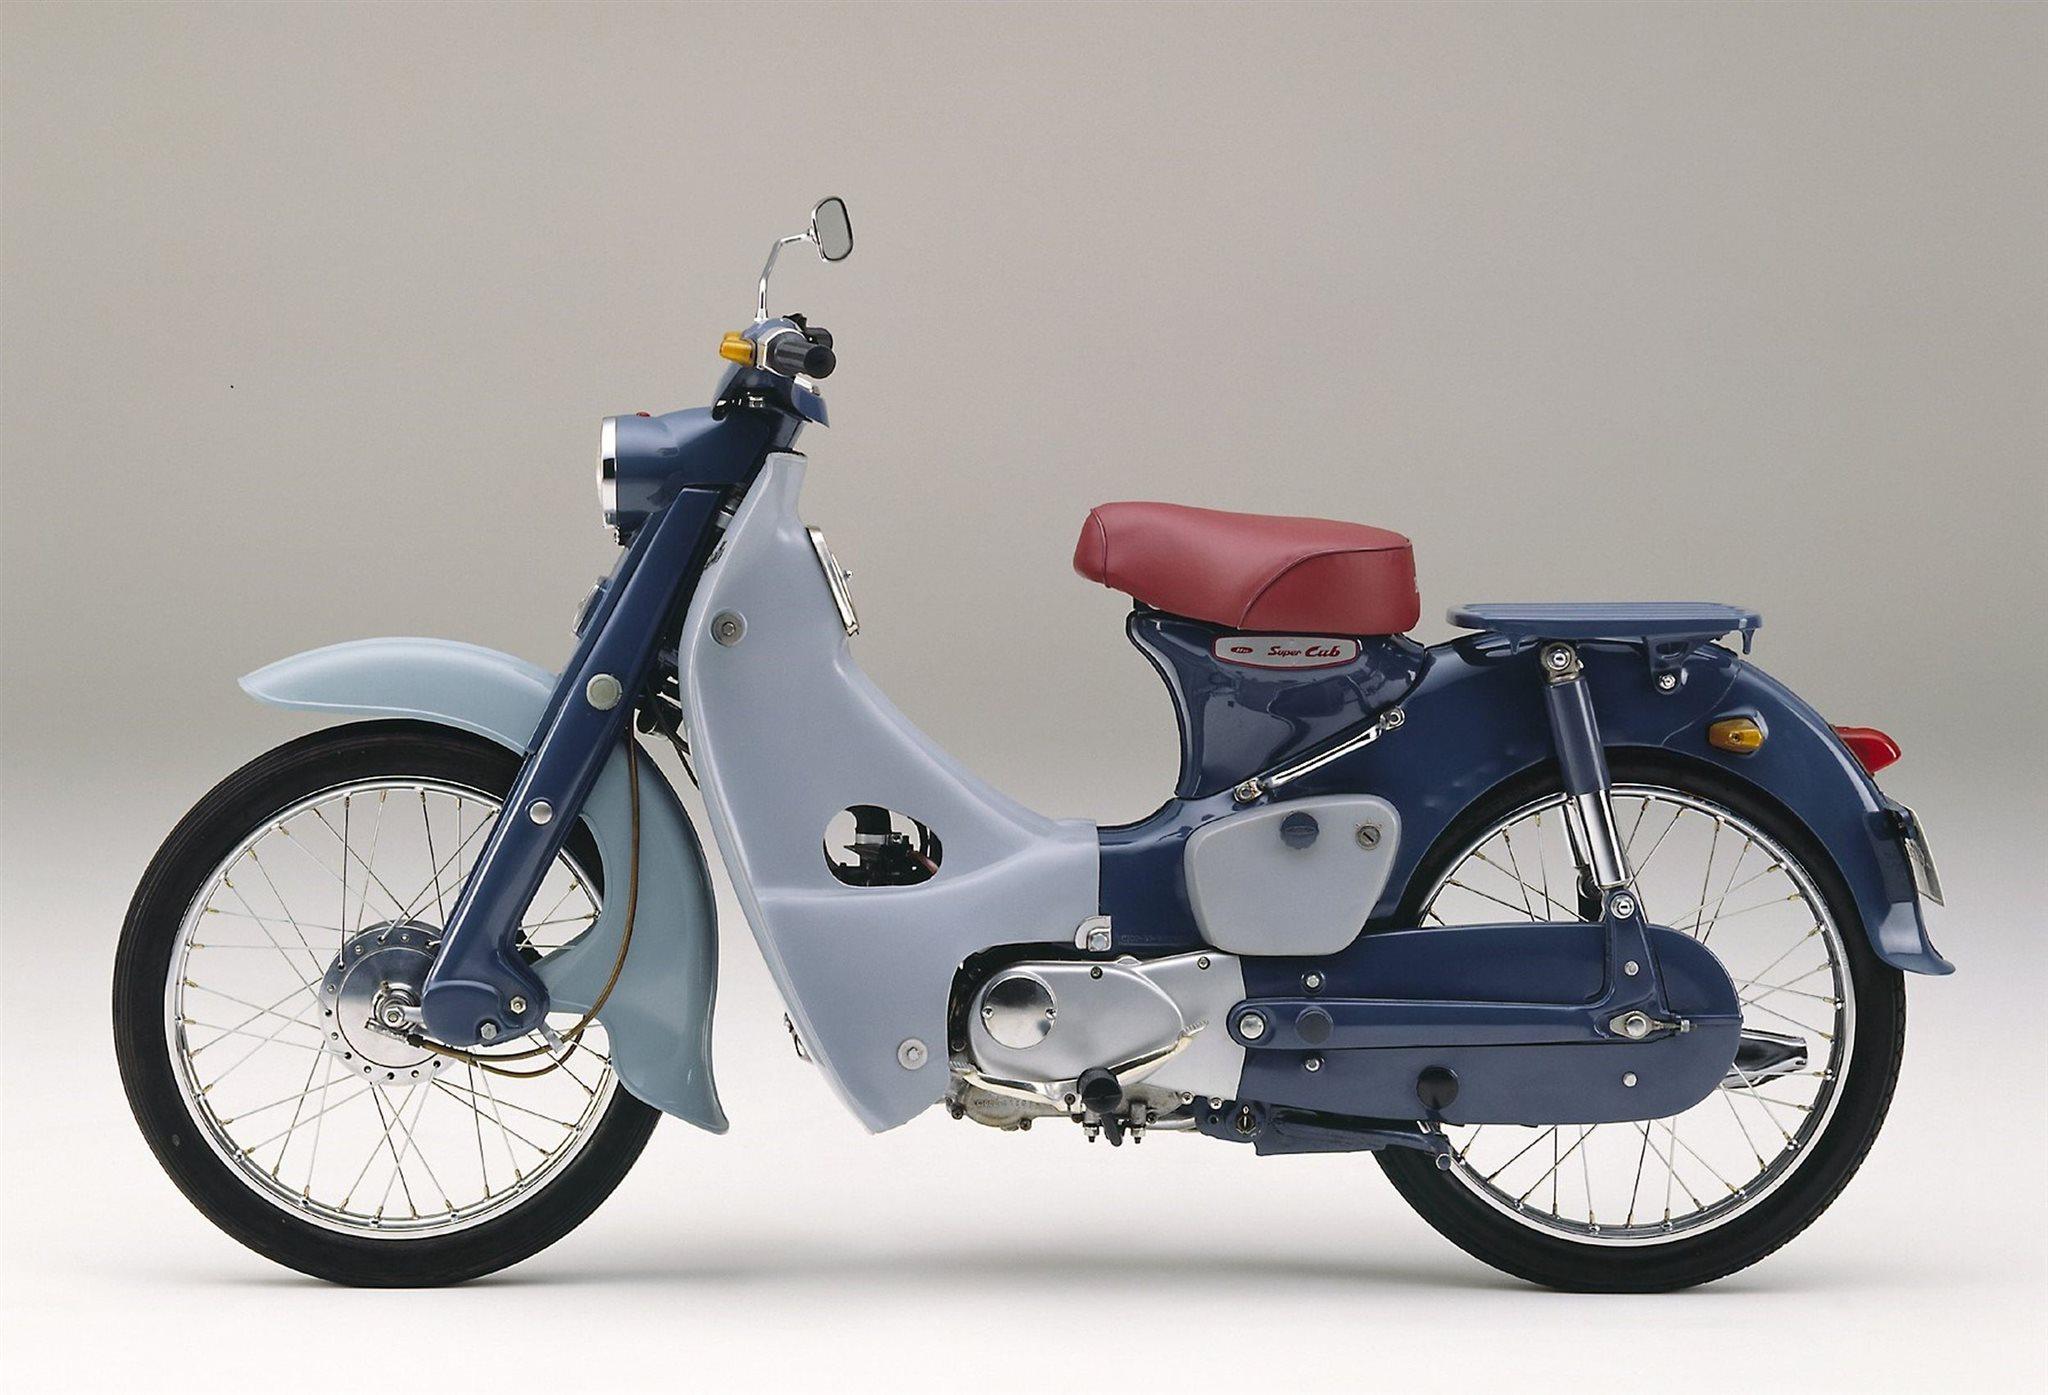 Honda Super Cub C 125